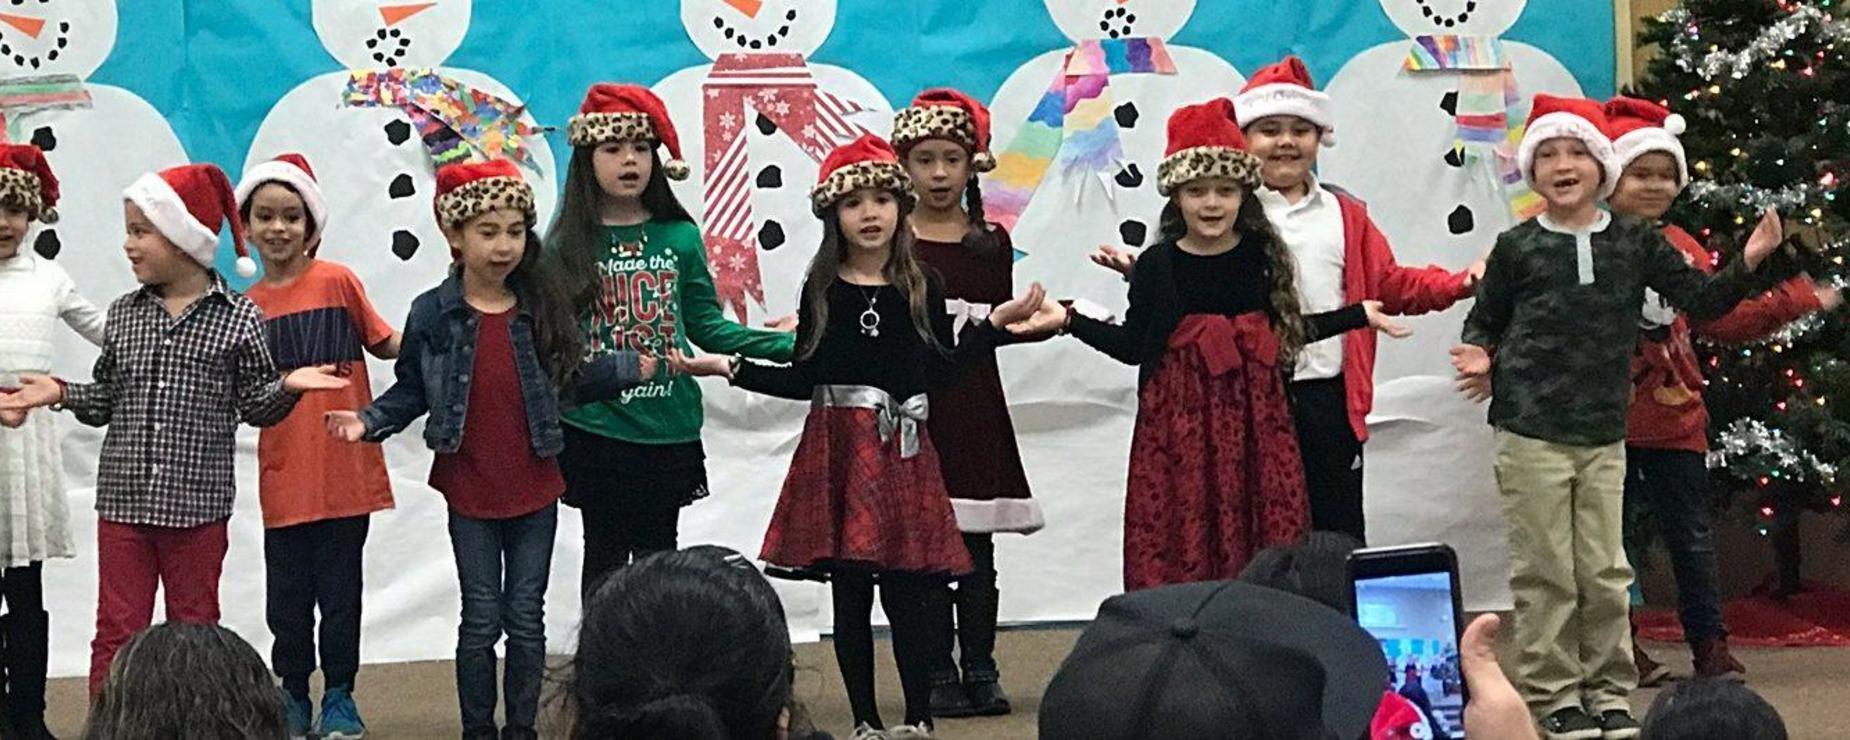 student christmas play